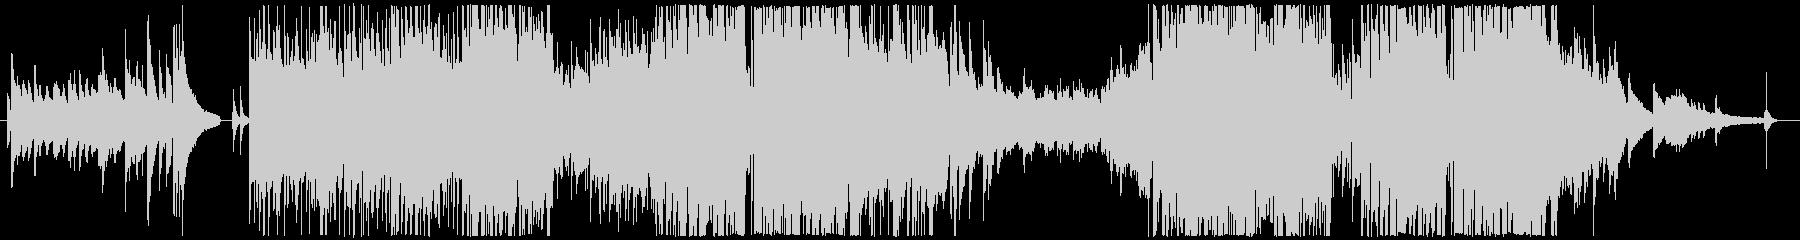 オープニングに使えるオシャレな曲の未再生の波形